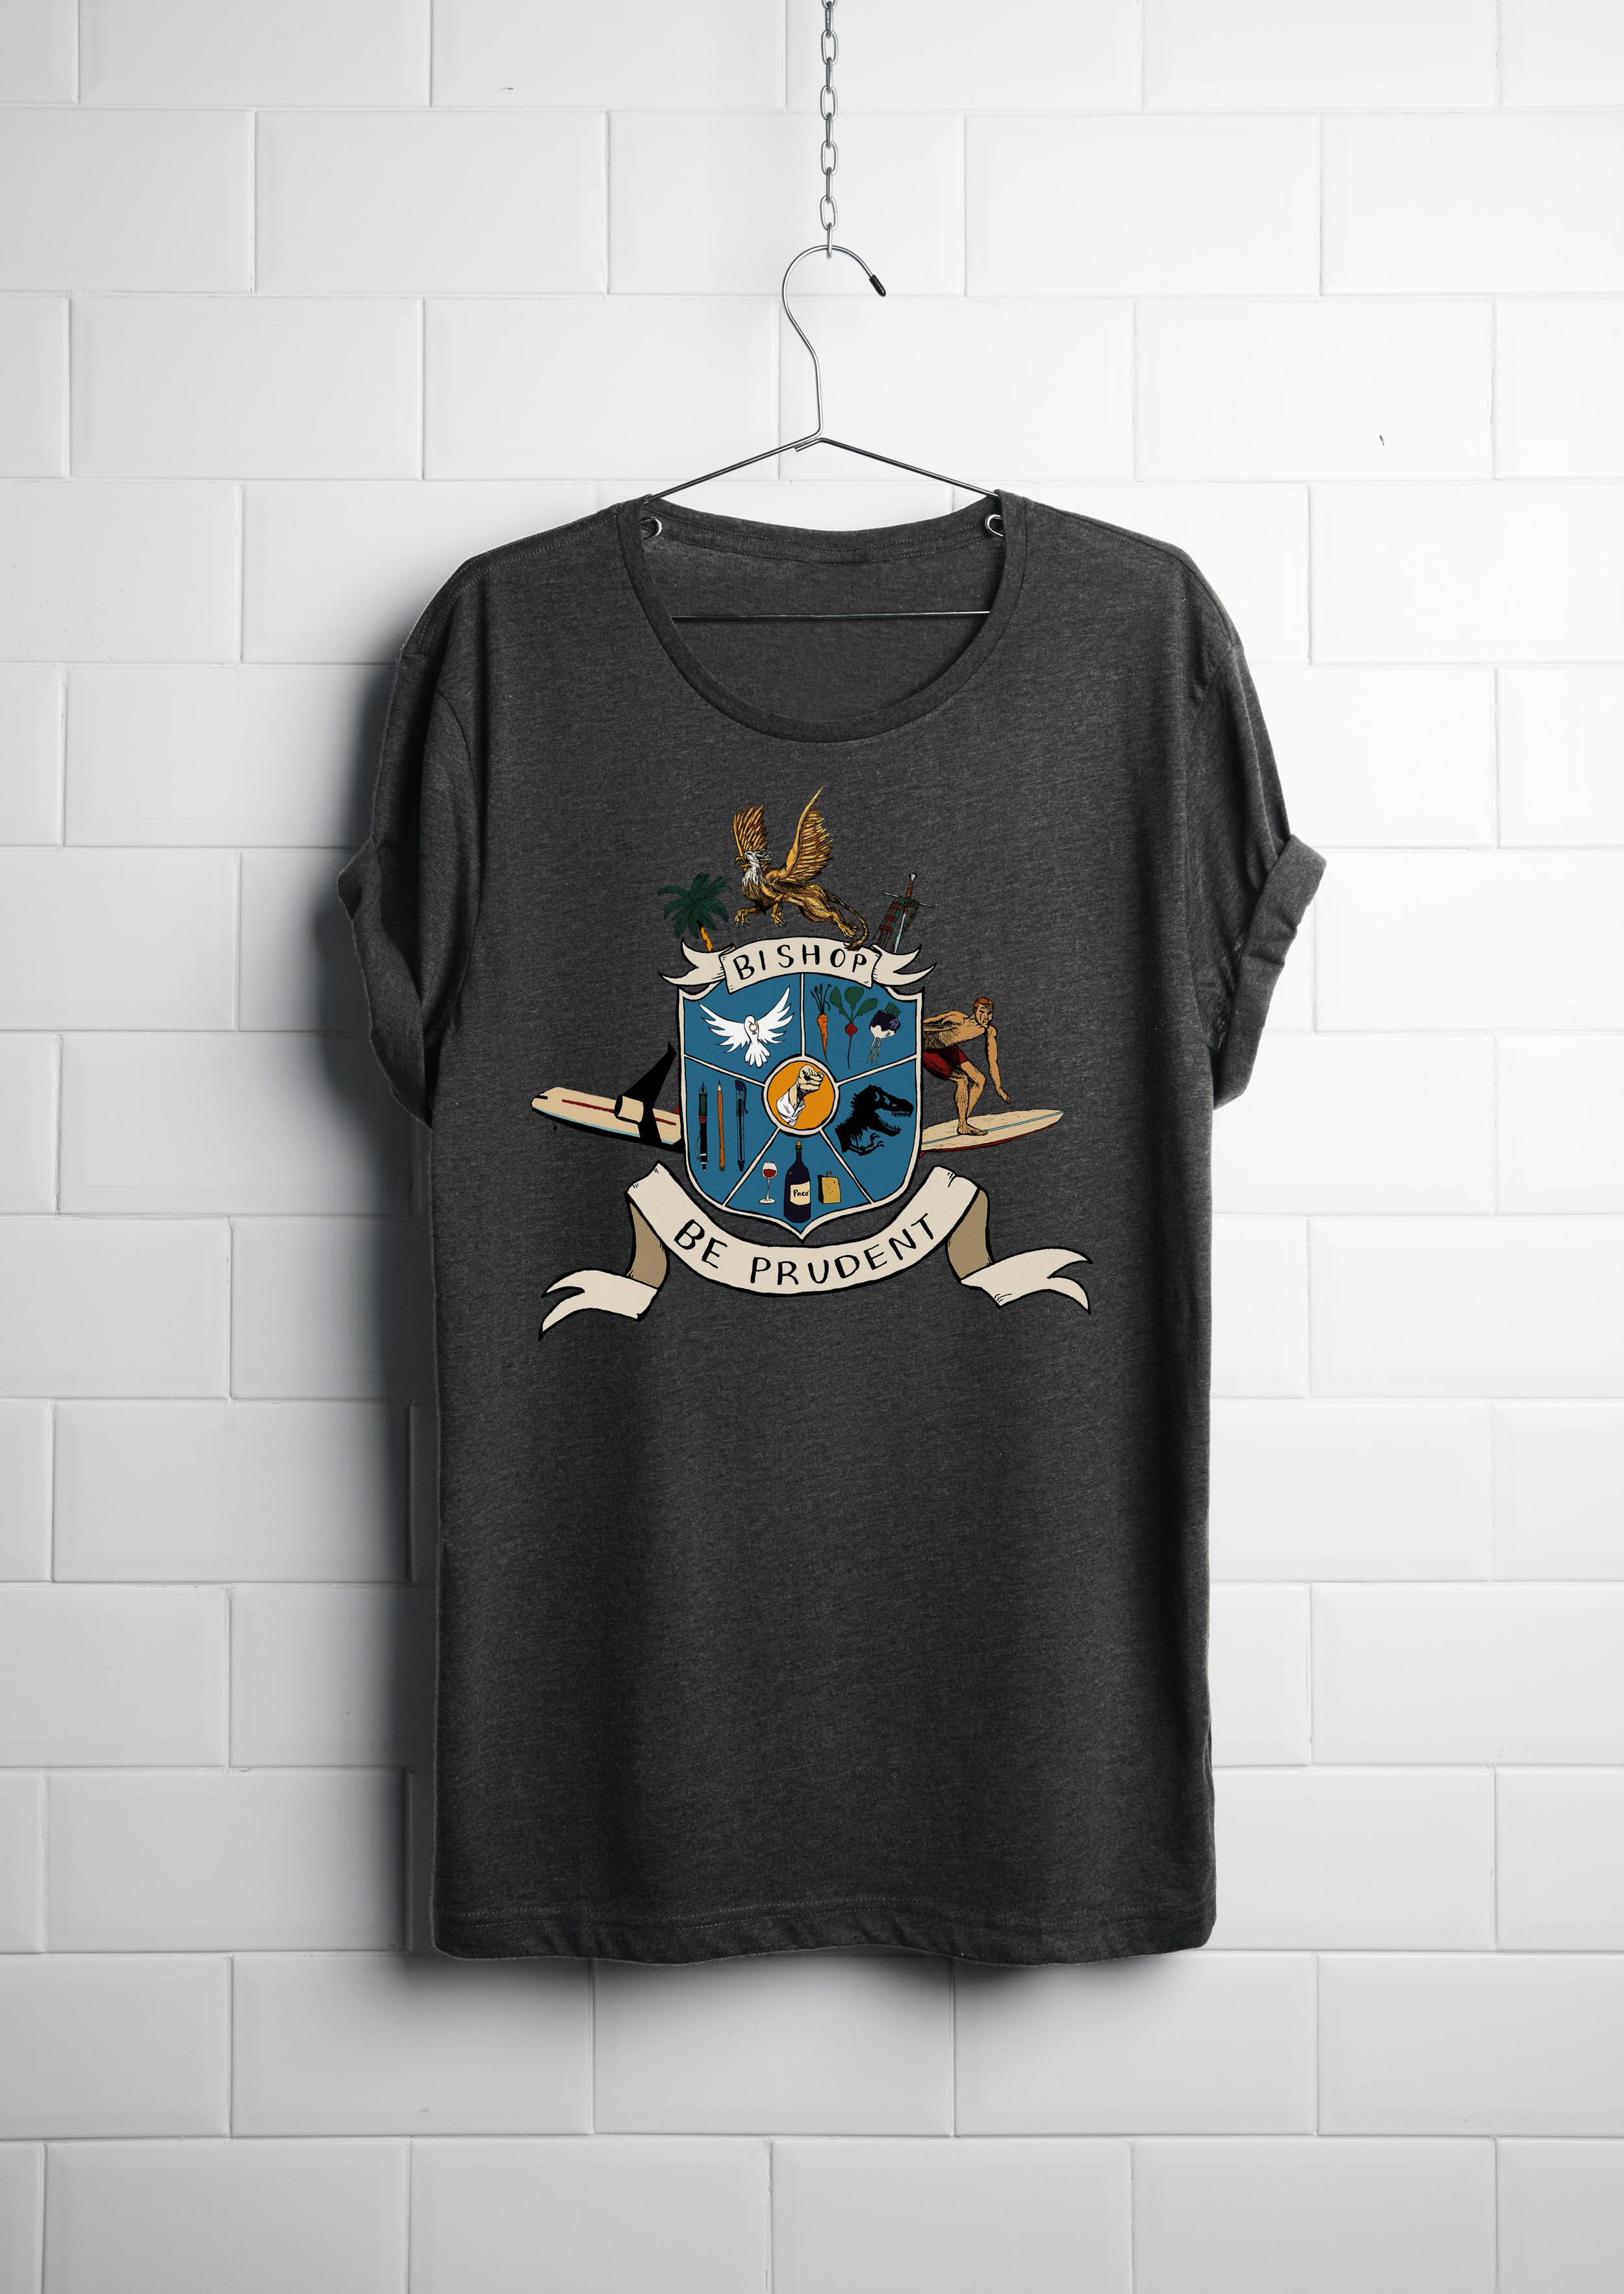 shirt-mockup.png